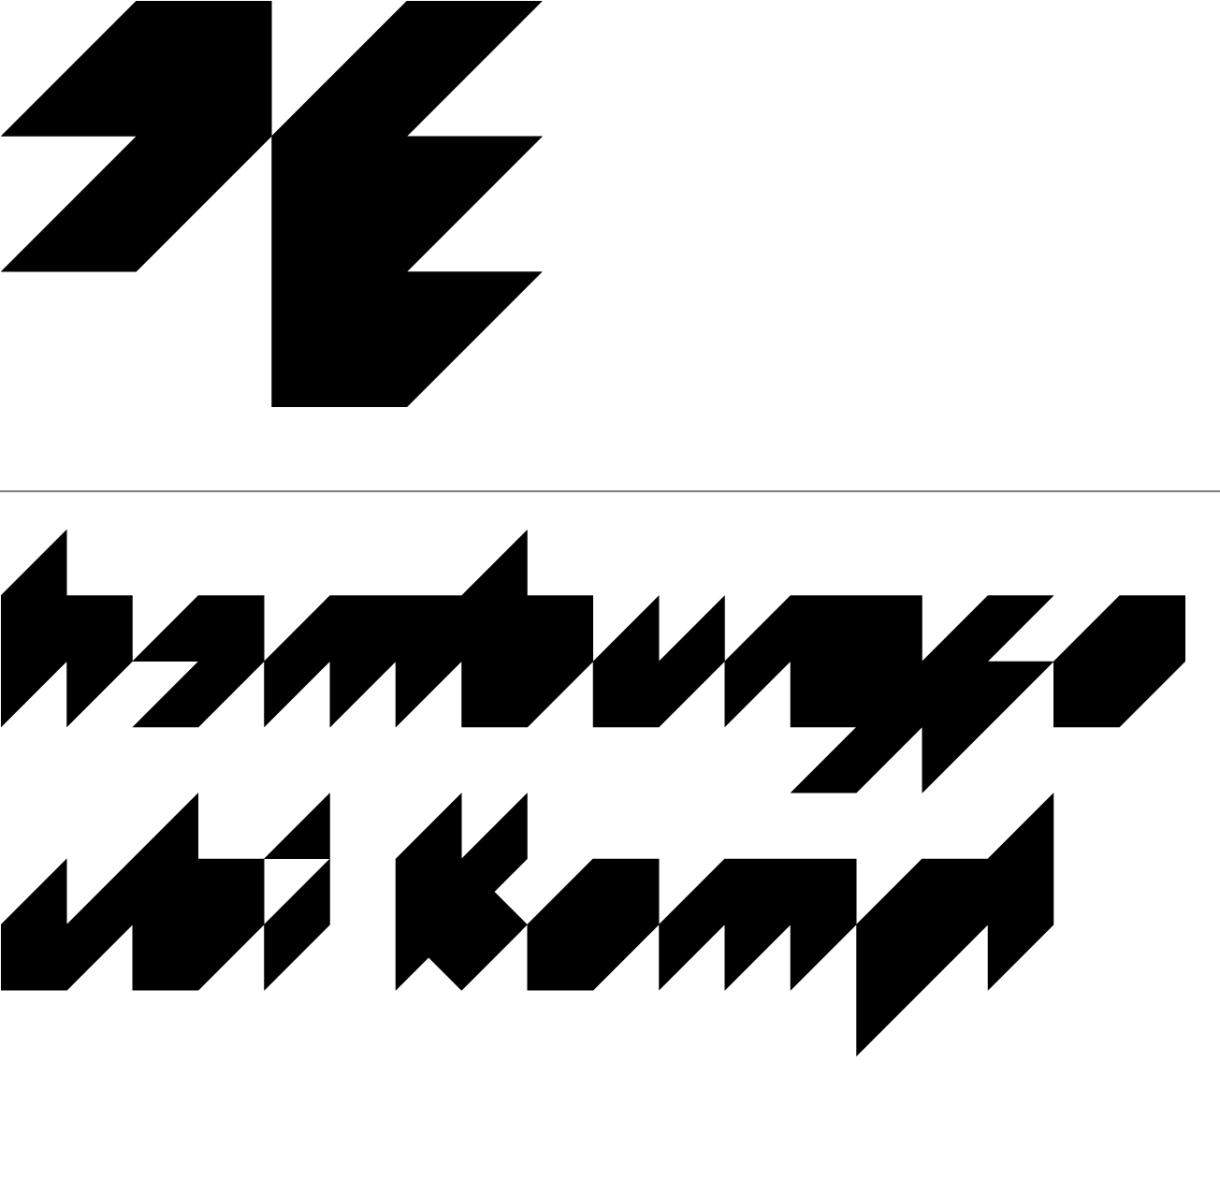 MuirMcNeil_designplayground_16